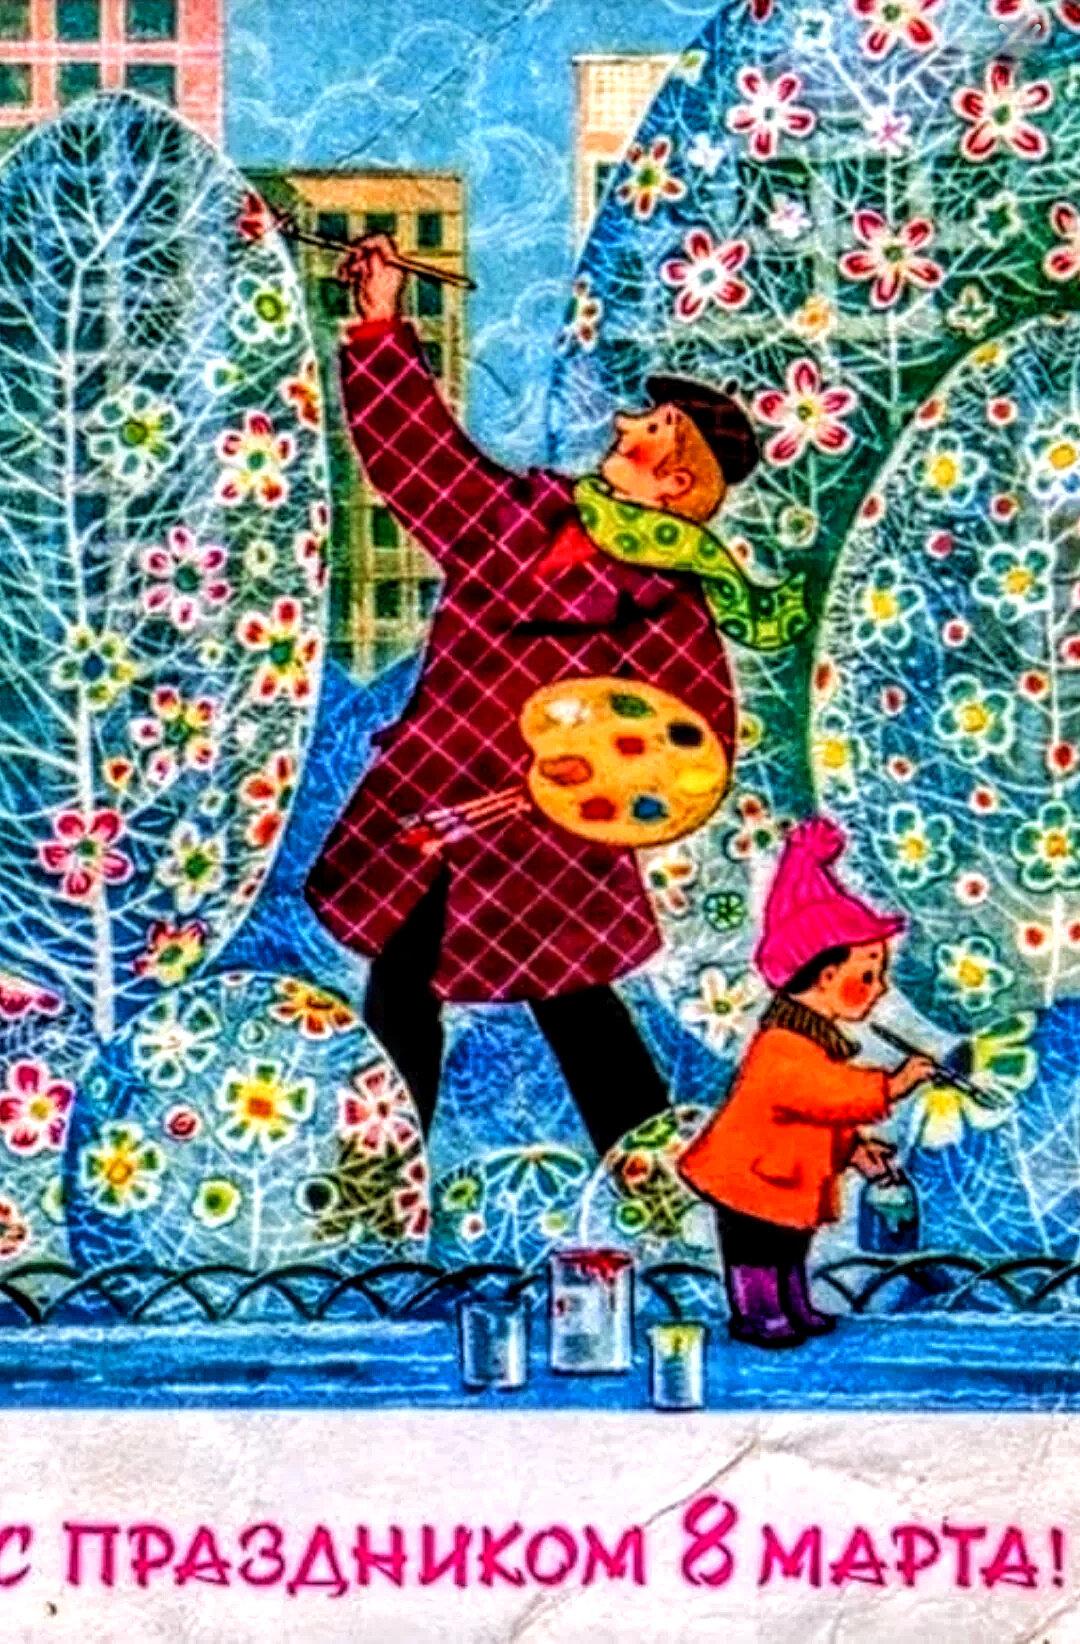 Спасибо, картинки советские весна